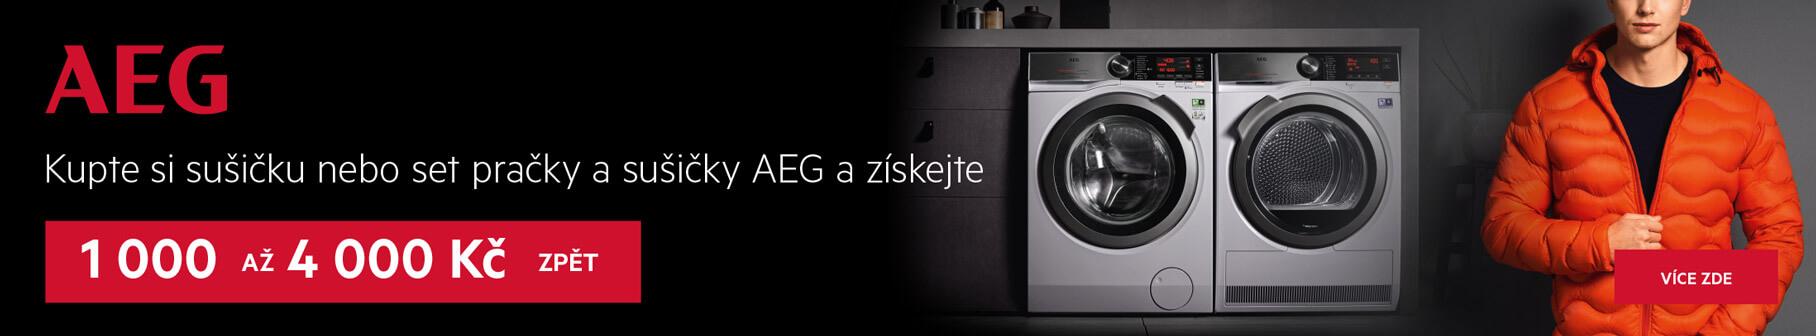 AEG - Dokonale ochrání každý kousek vašeho oblečení. BEZ OBAV.